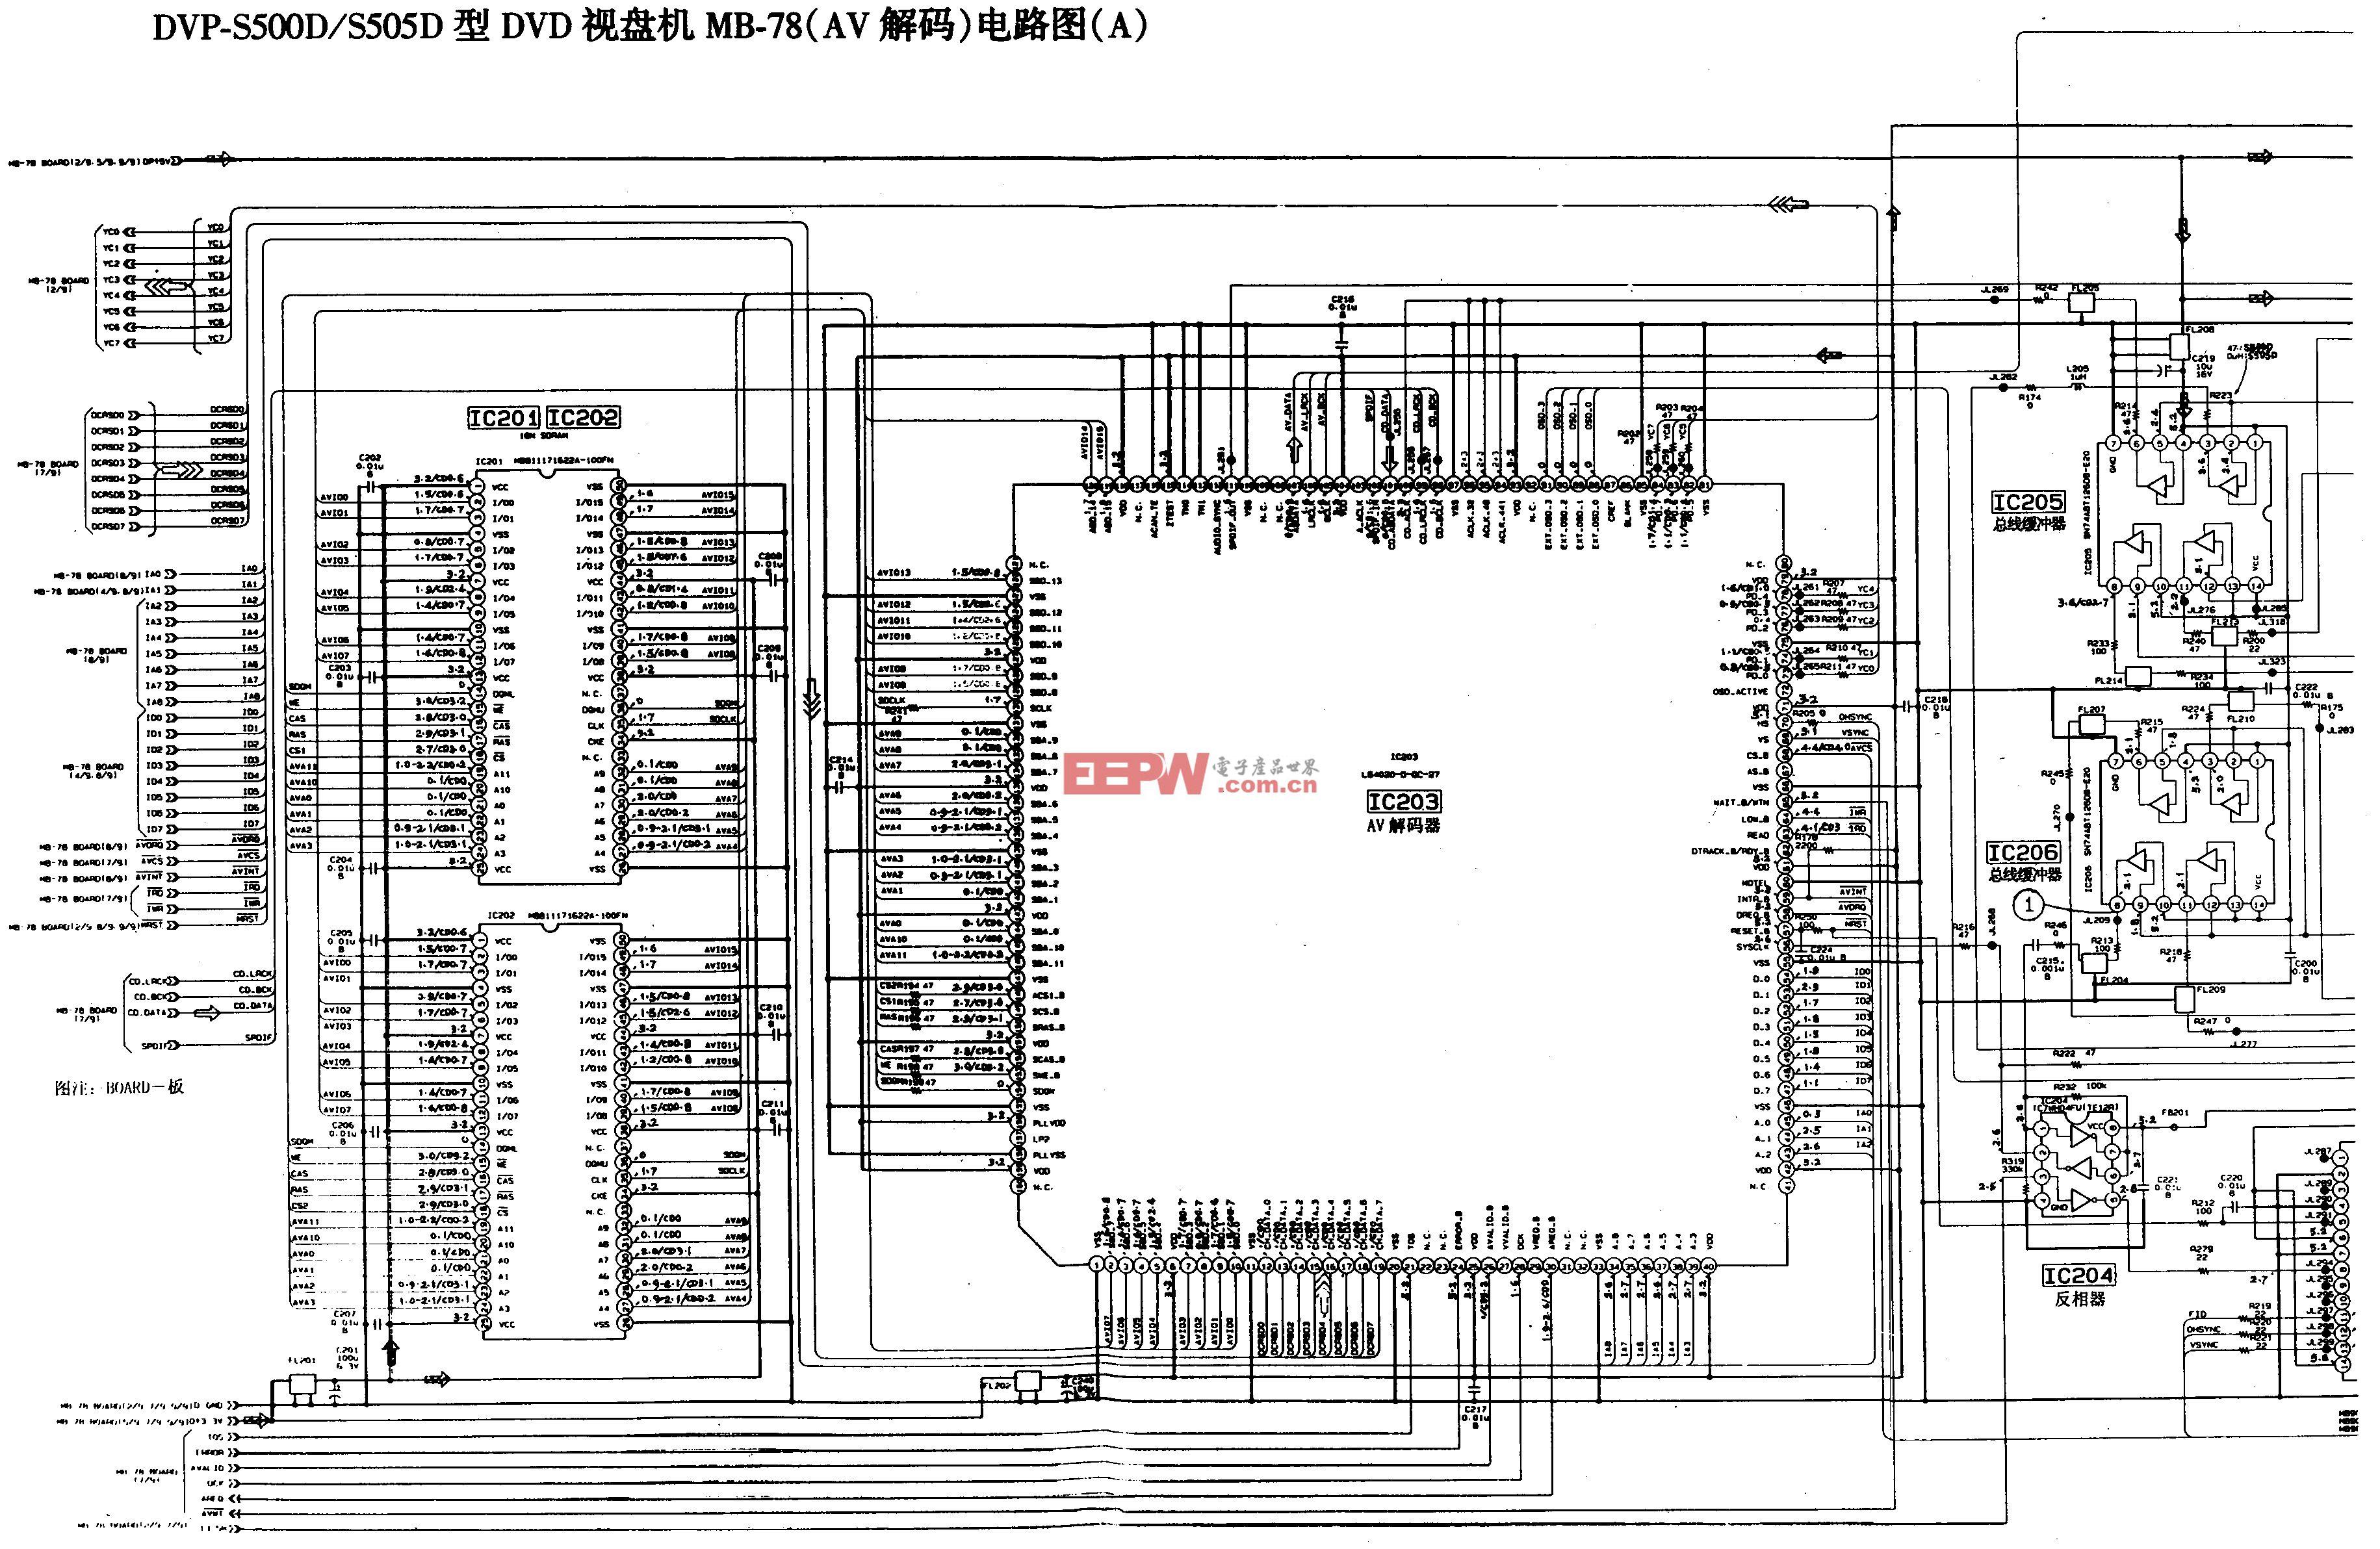 SONY DVP-S500D/S505D型DVD-AV解碼電路圖B